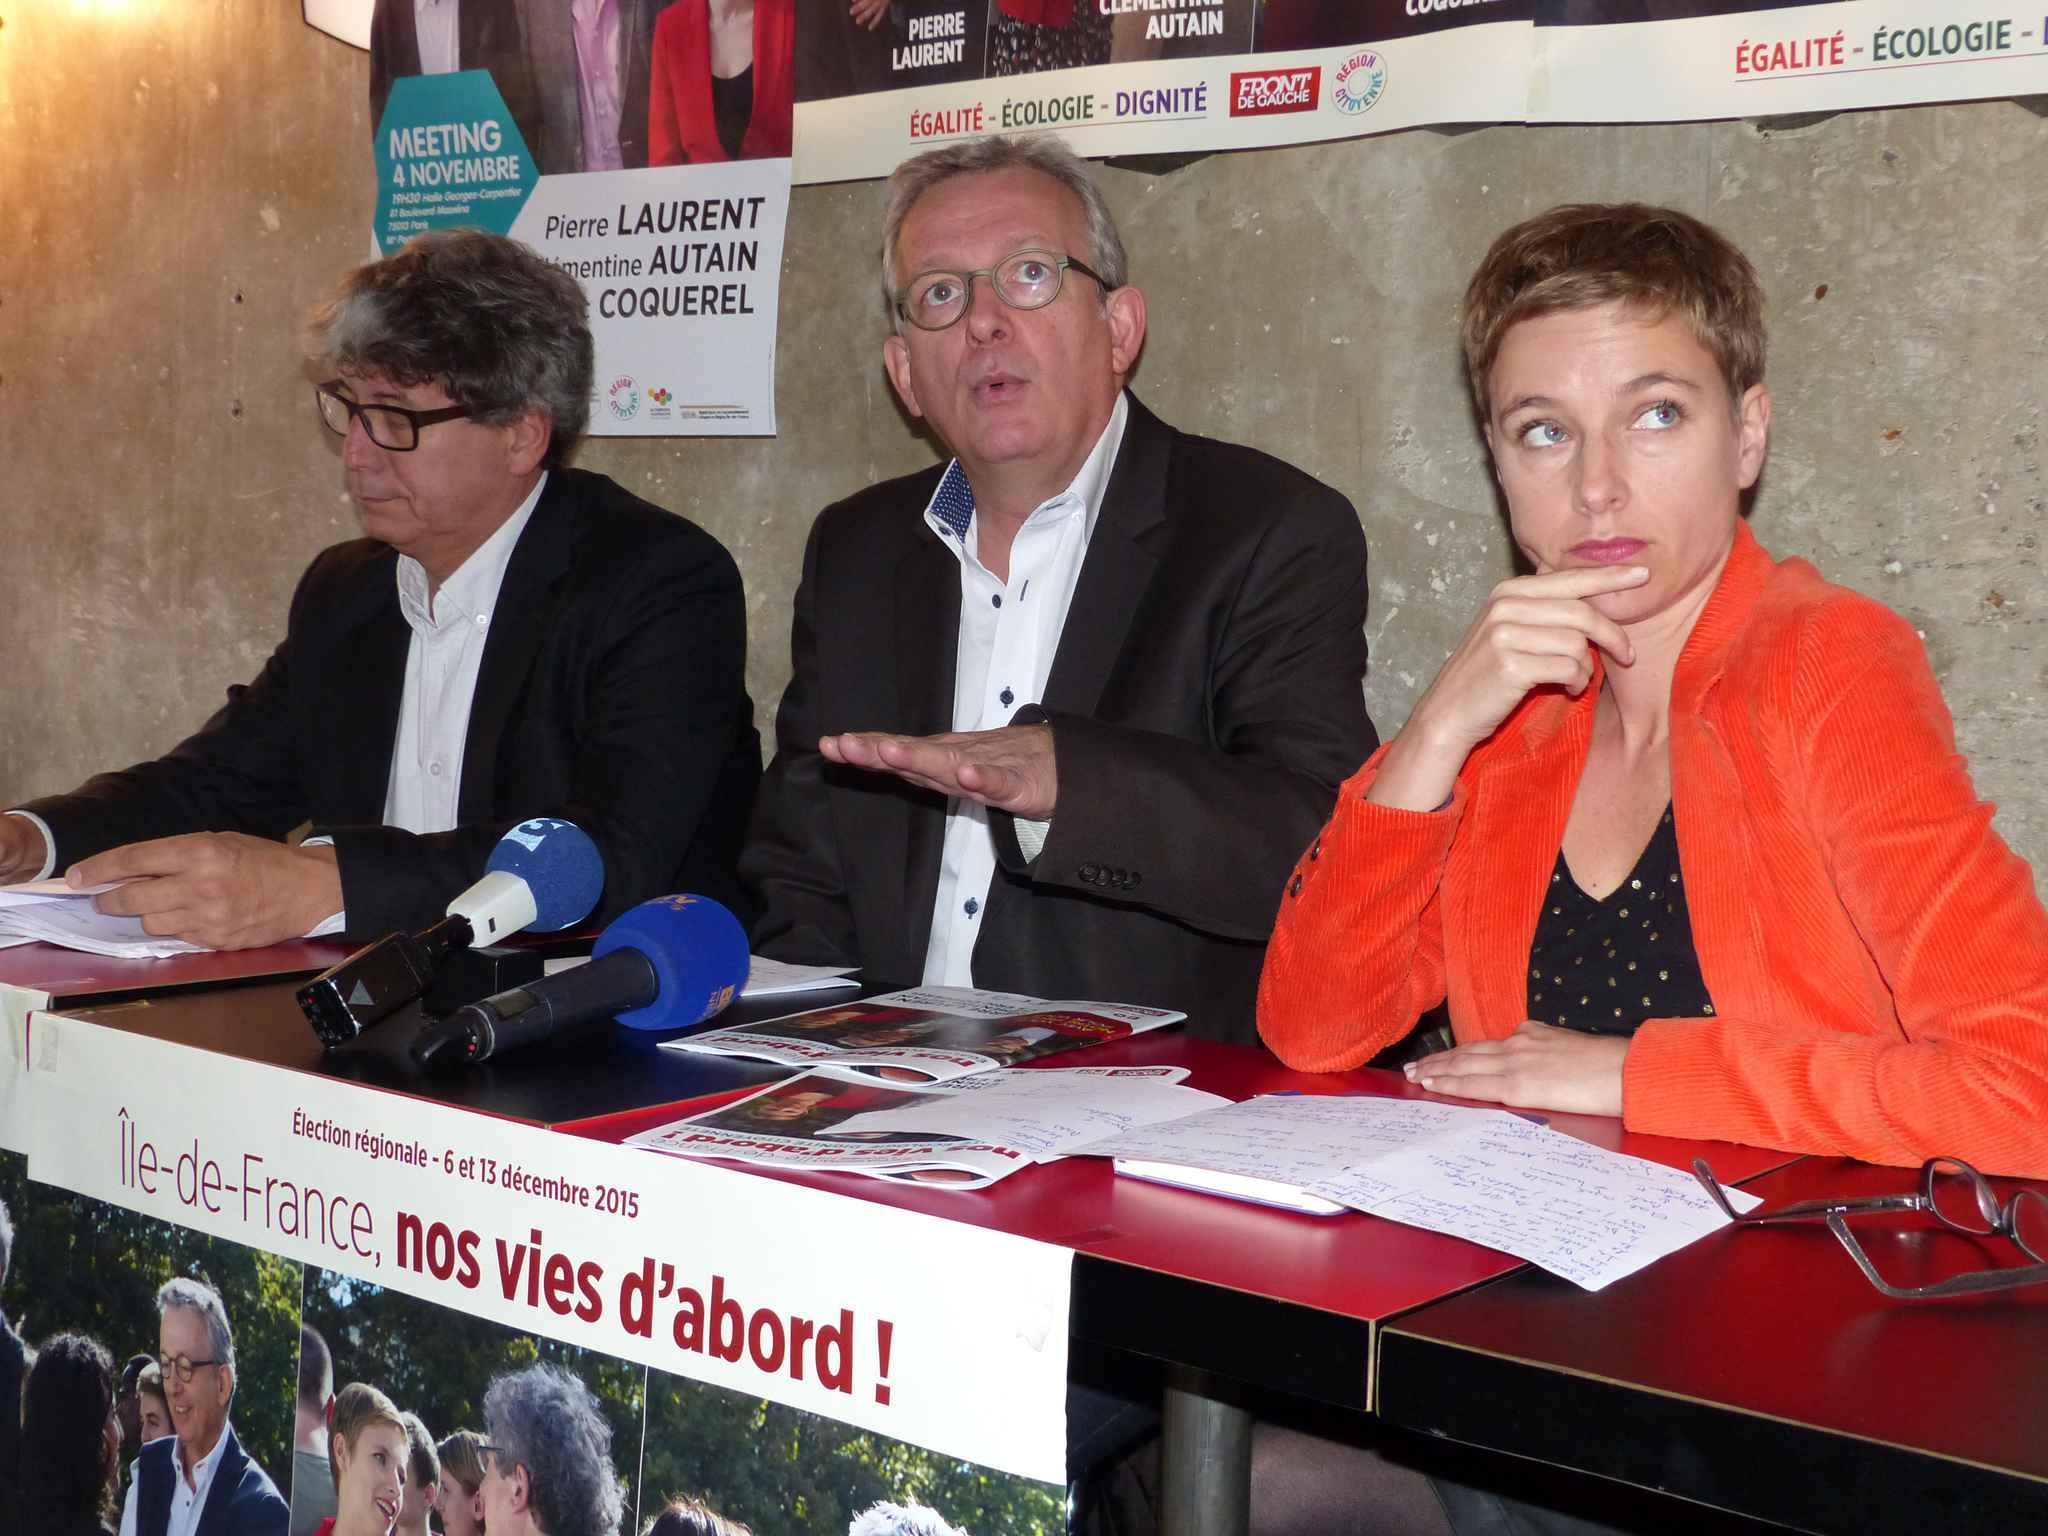 LISTE DES MAGASINS CASINO EN ILE DE FRANCE